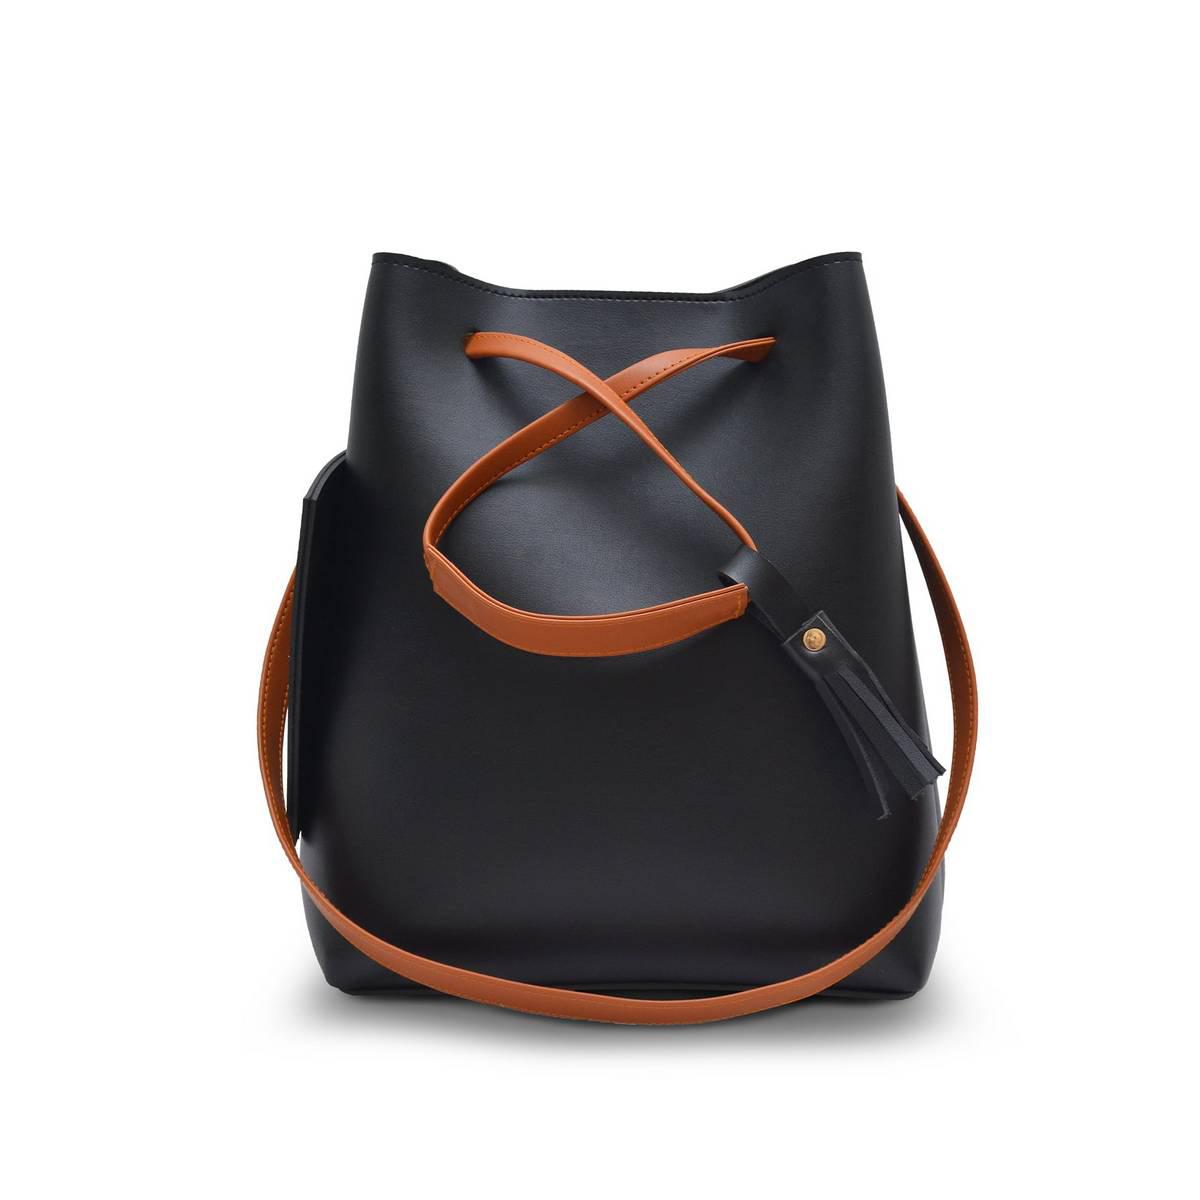 Astore Black Leather Top Handle with Adjustable Shoulder Straps Faux Leather Shoulder Bag Bucket Bag